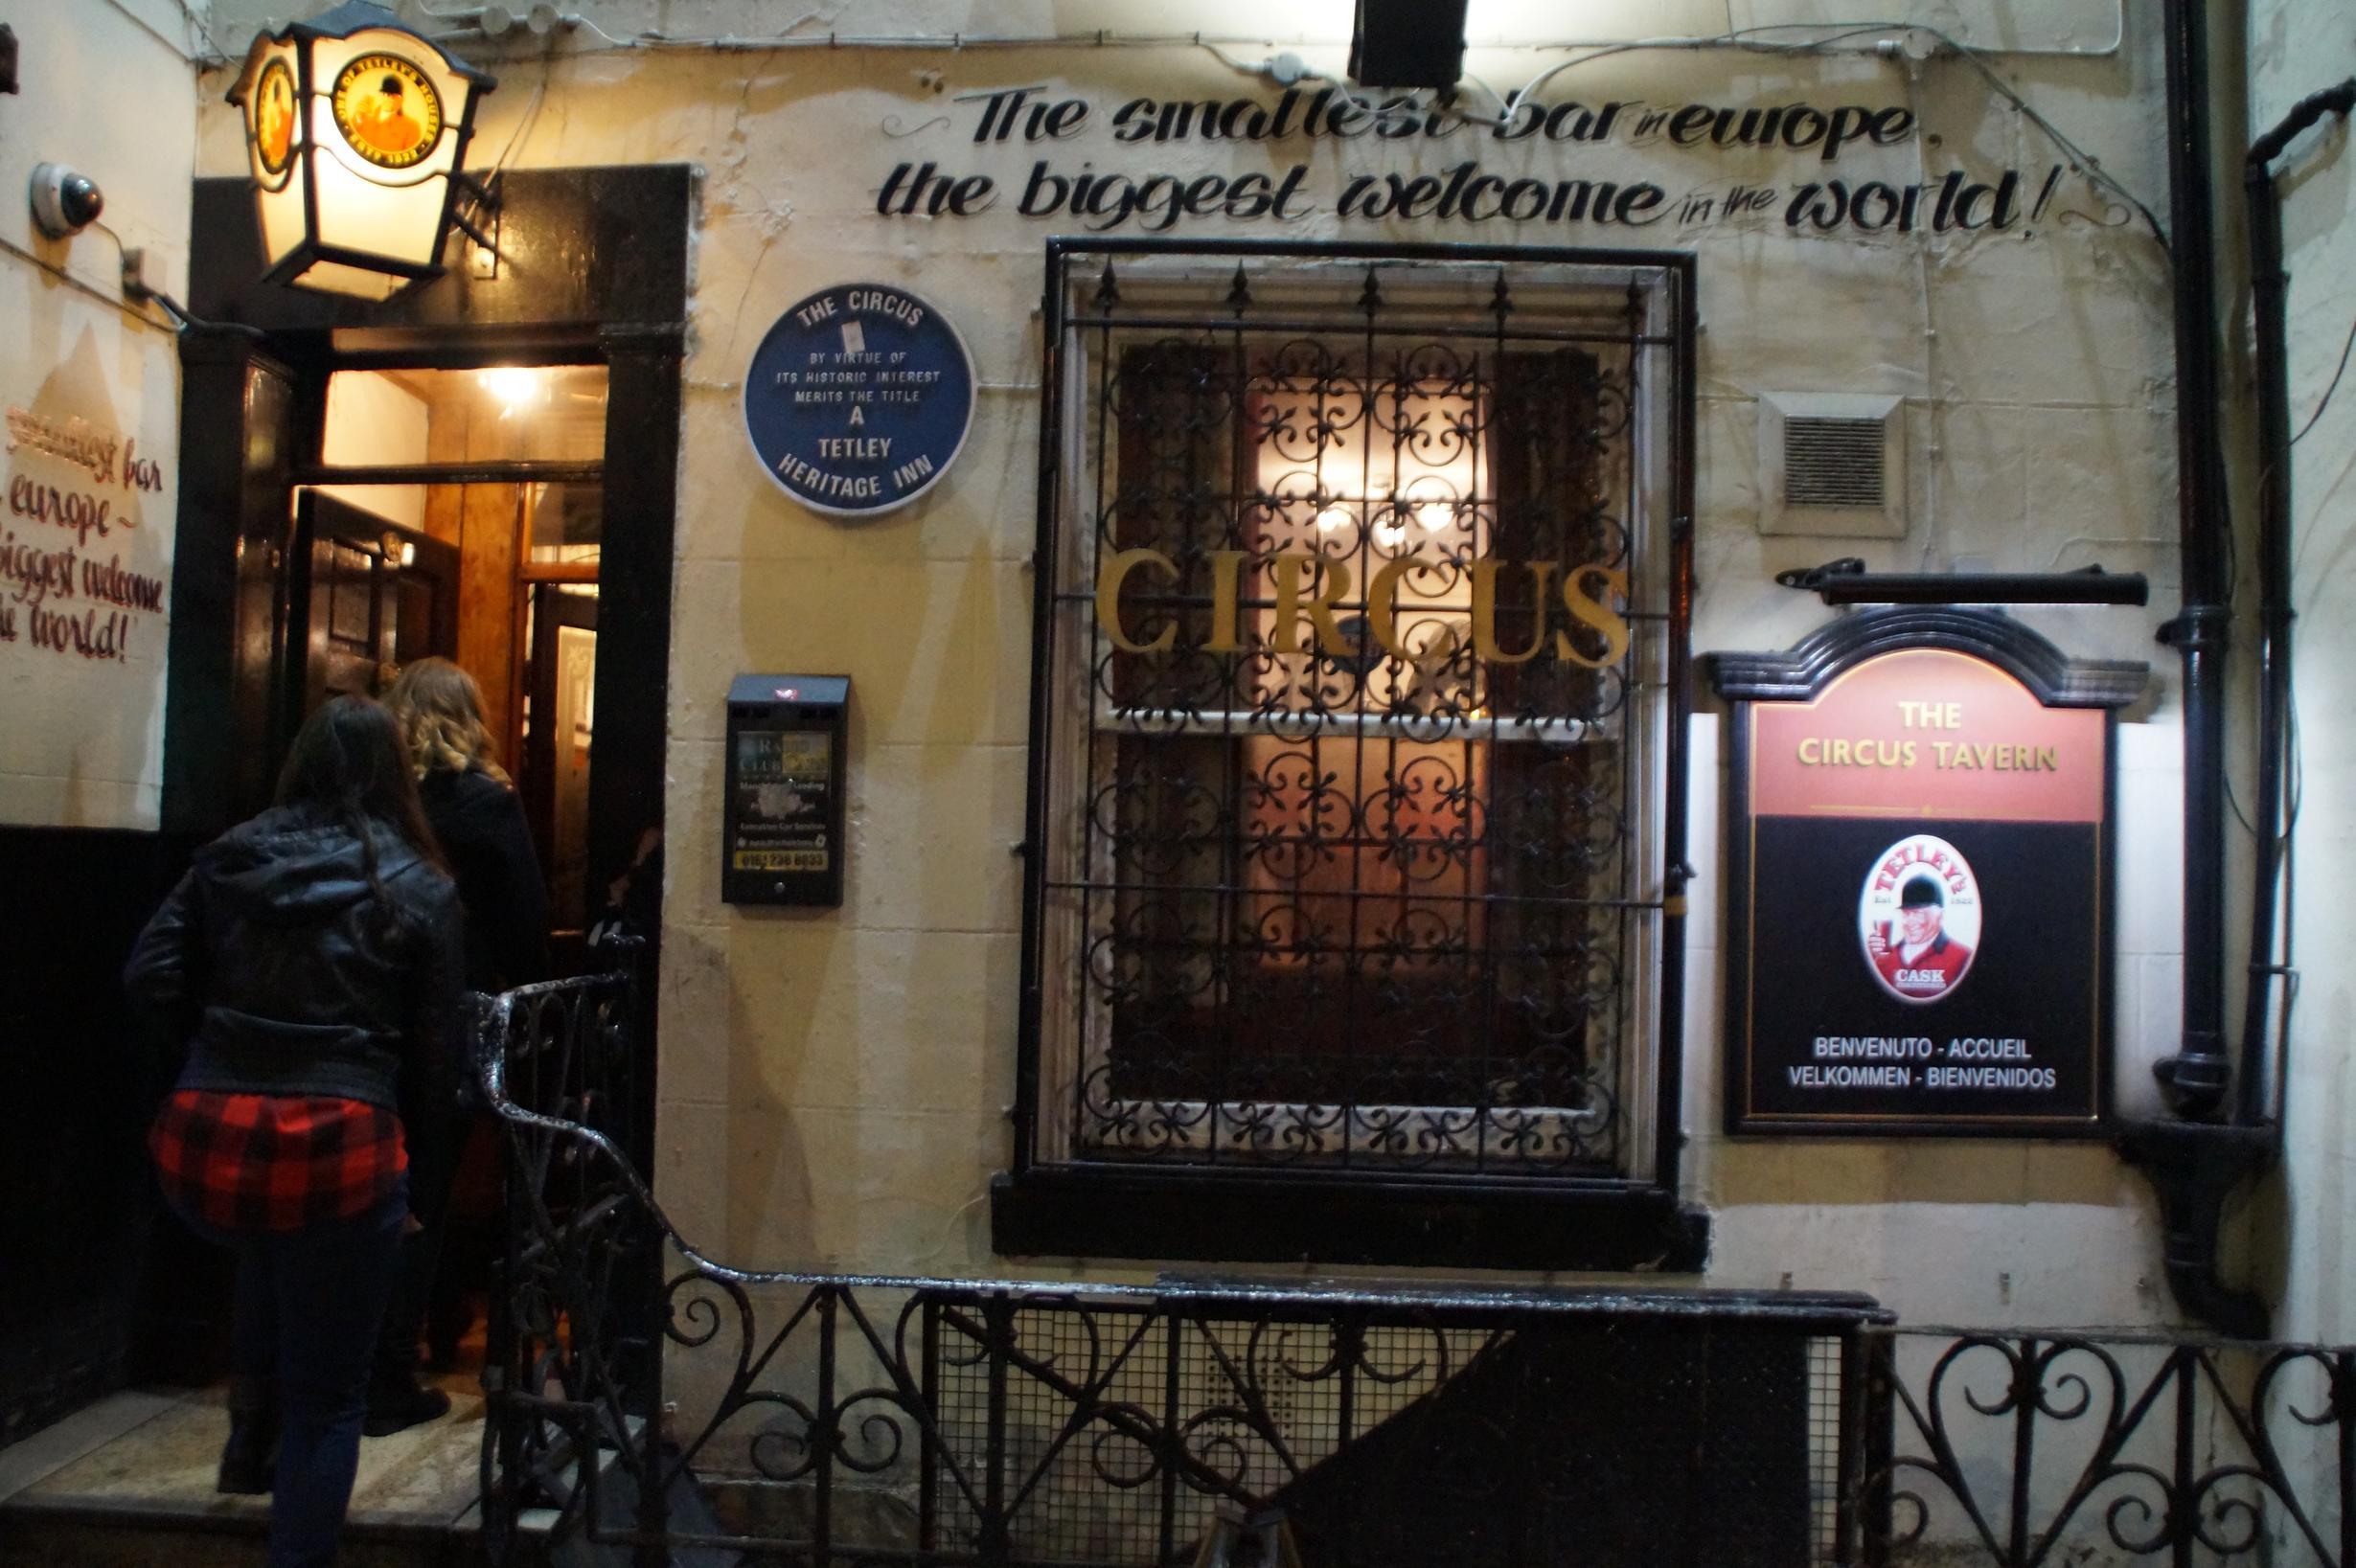 Die angeblich kleinste Bar Europas